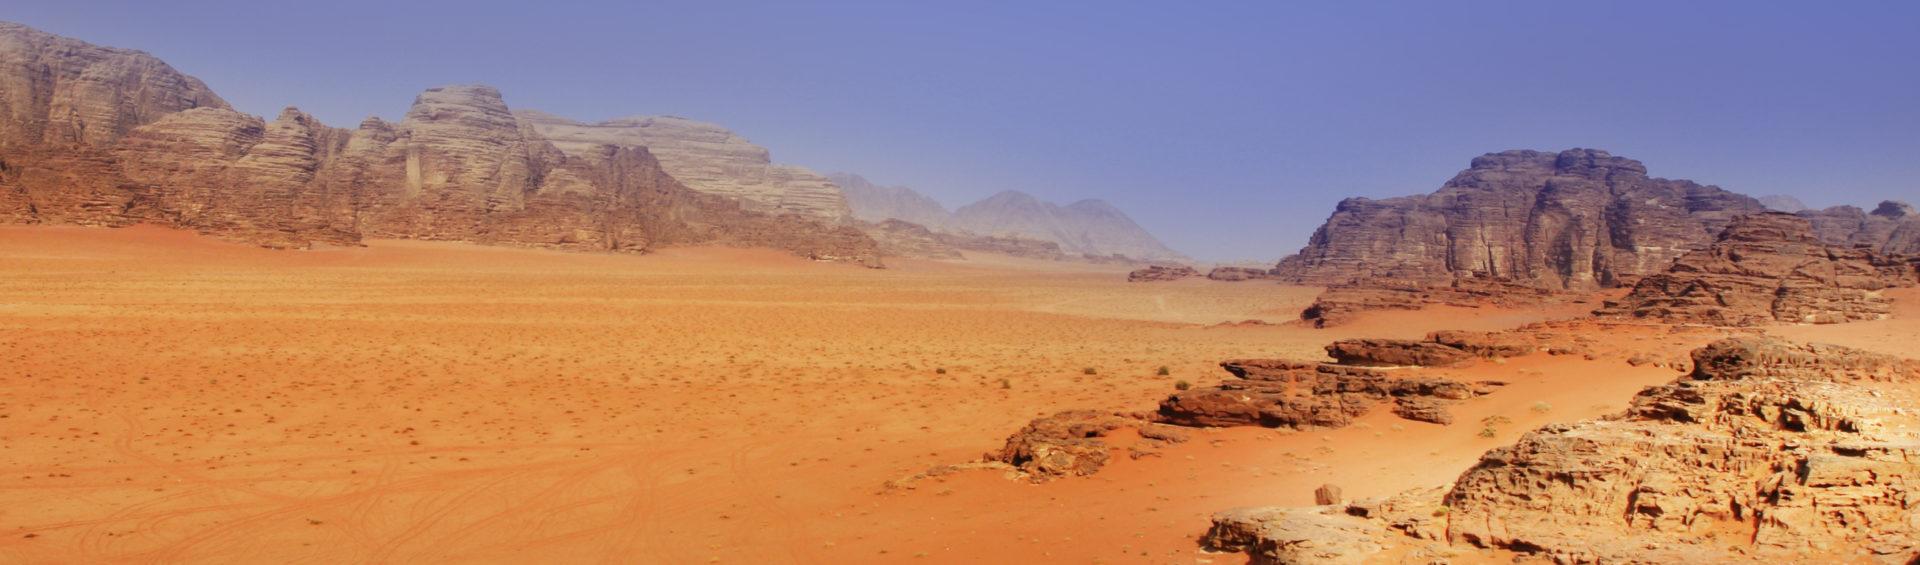 cropped-Wadi_Rum_IMG_4887-1.jpg